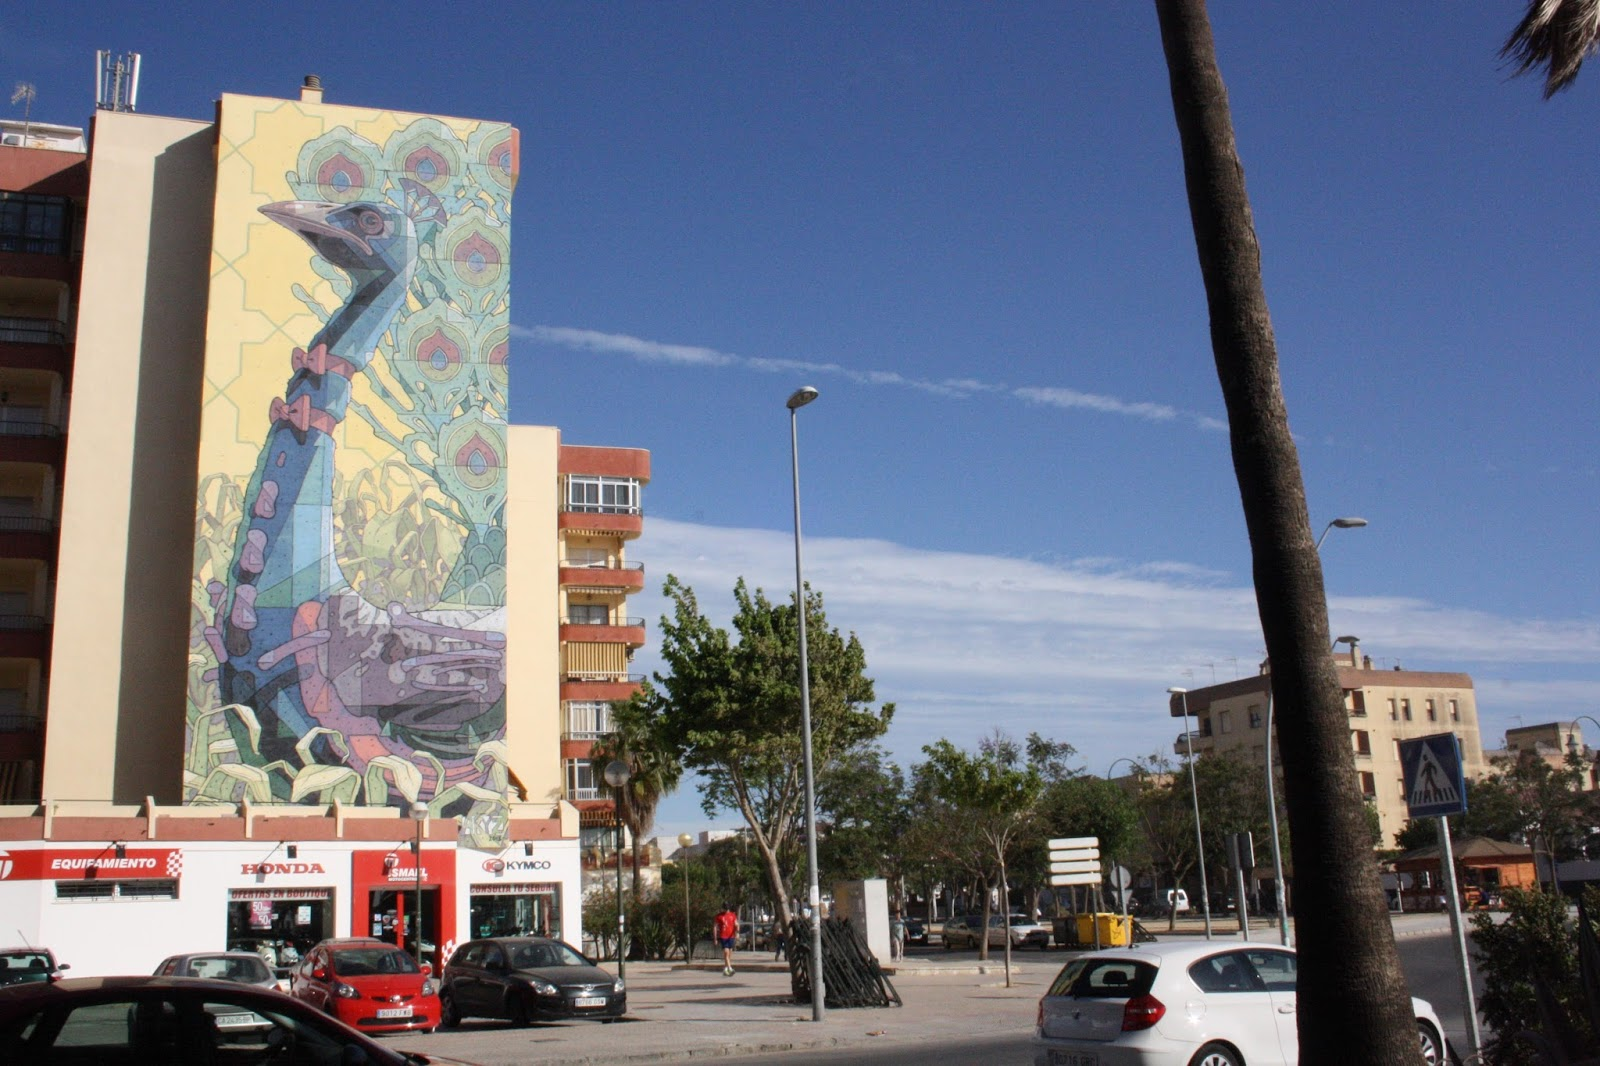 Sanlucar de Barrameda Spain  city photos gallery : streetartnews aryz Sanlucar de Barrameda Spain 6